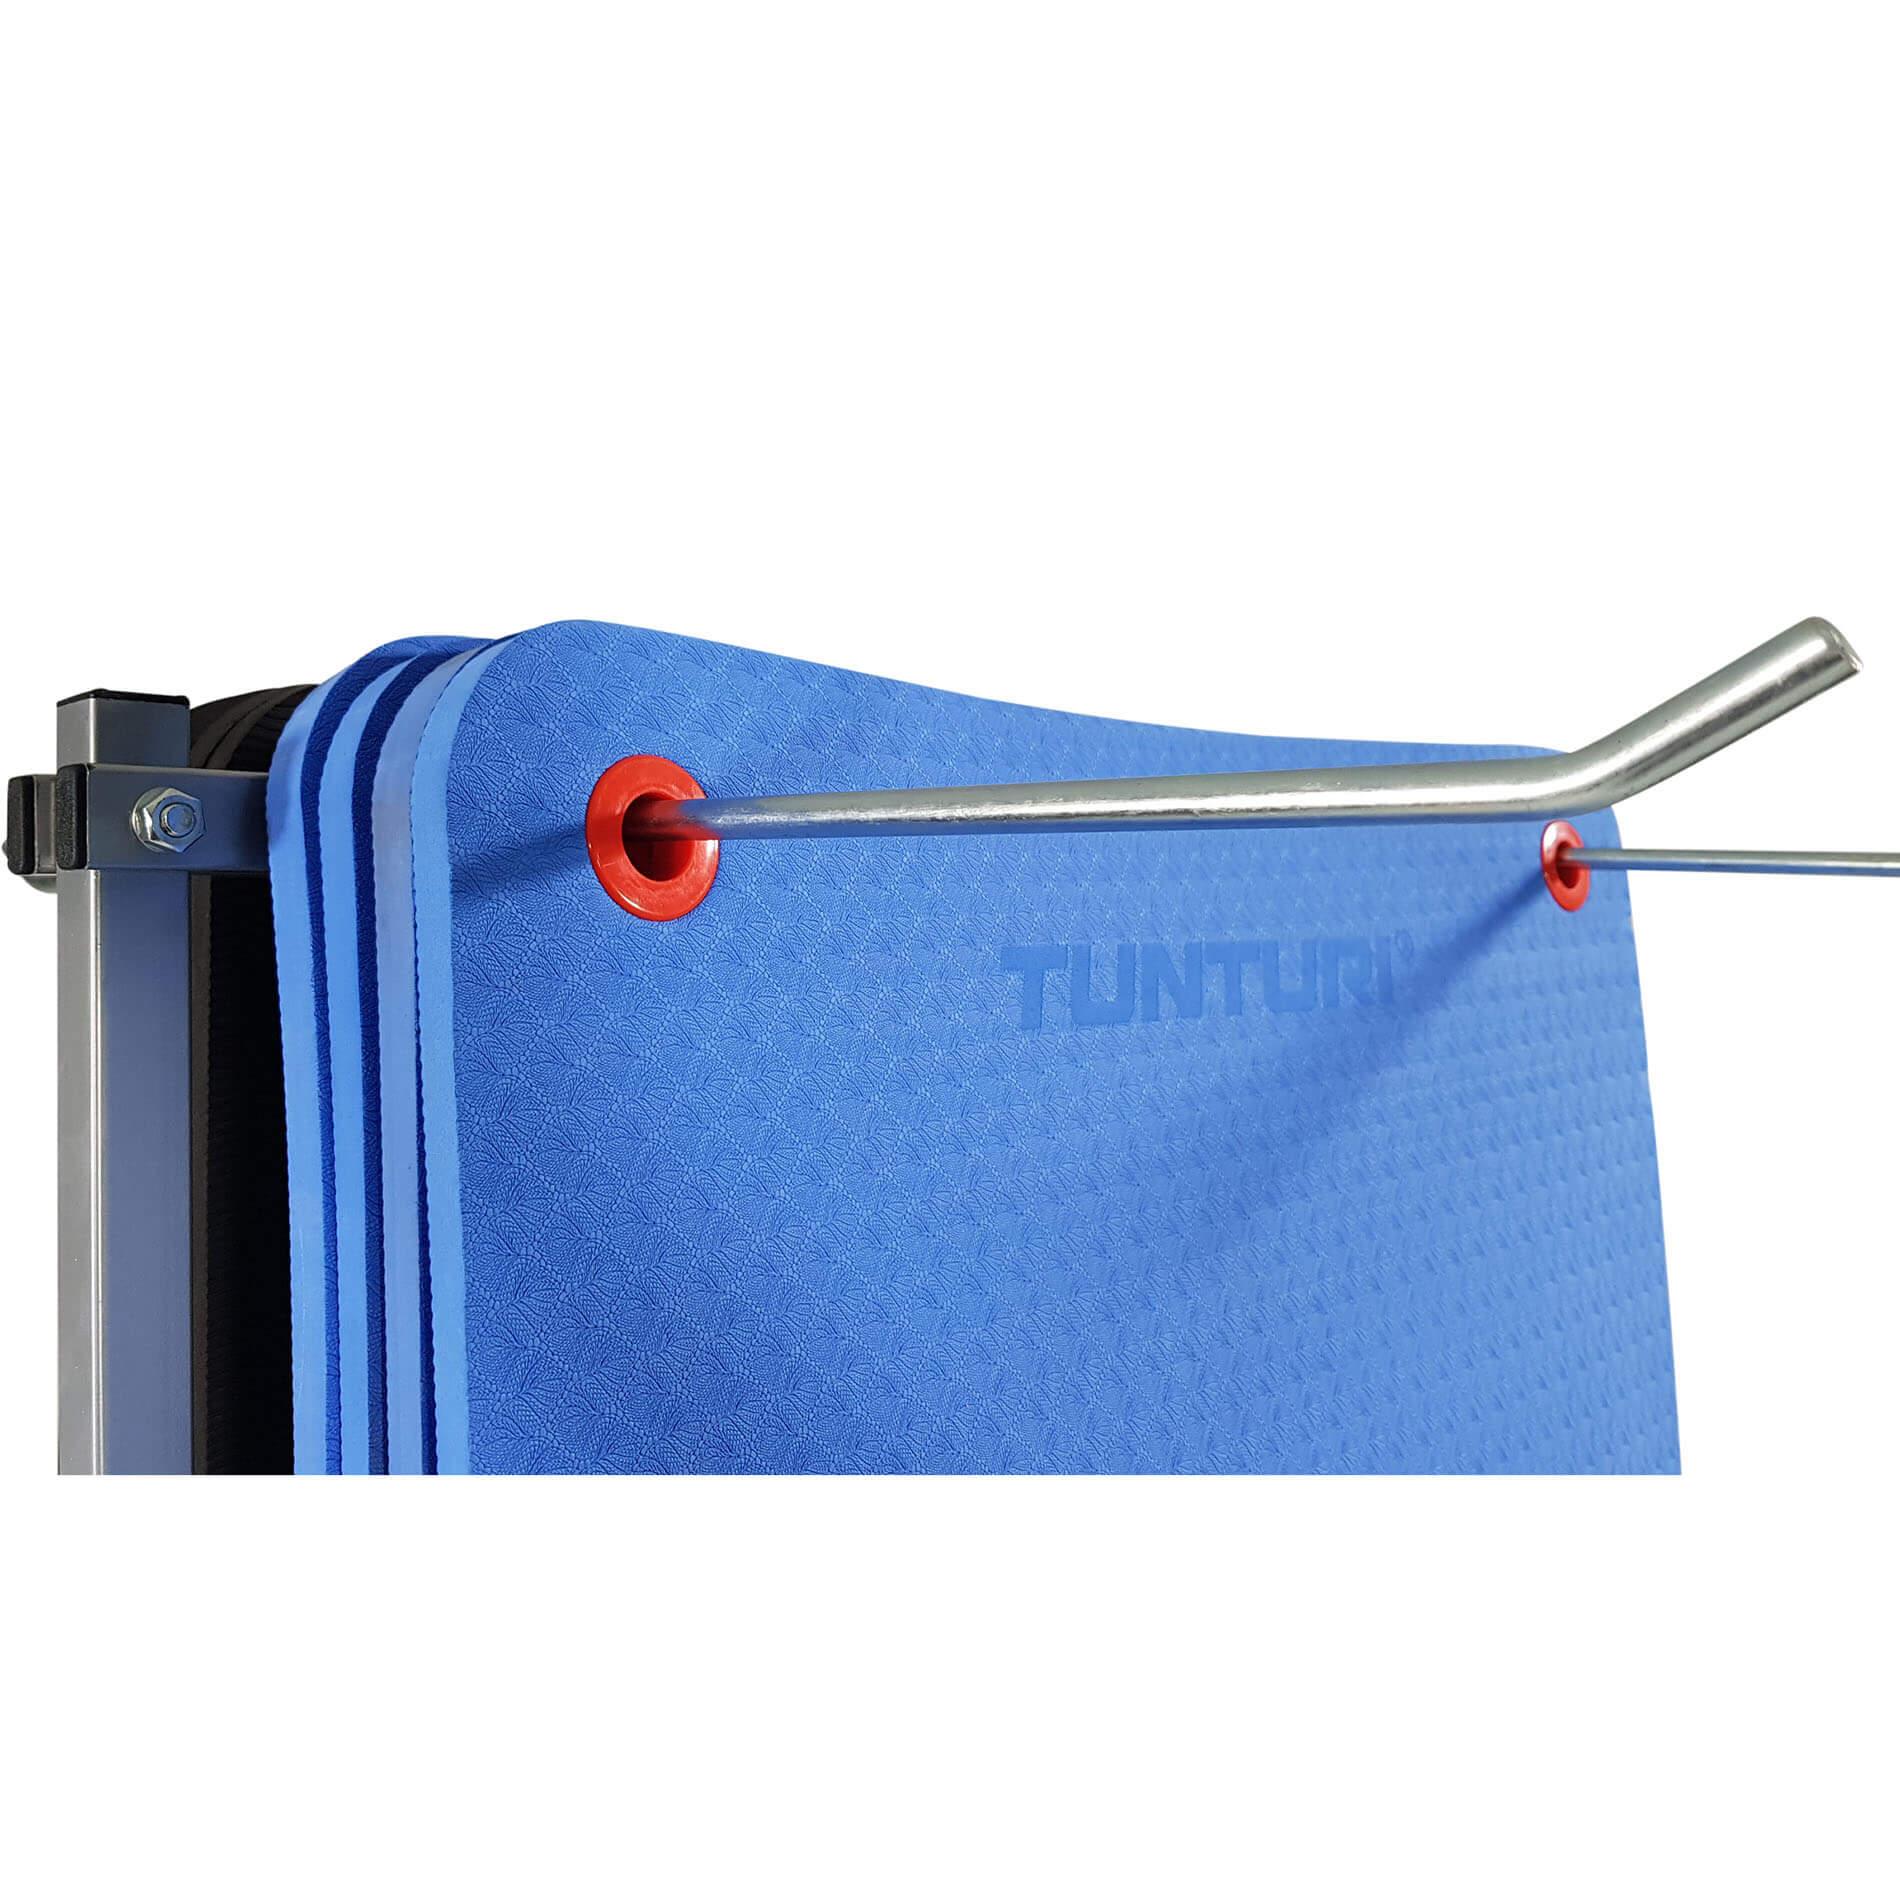 Fitnessmatten Transportkar - Opberghangrek - 190 x 80 x 60 cm - Grijs